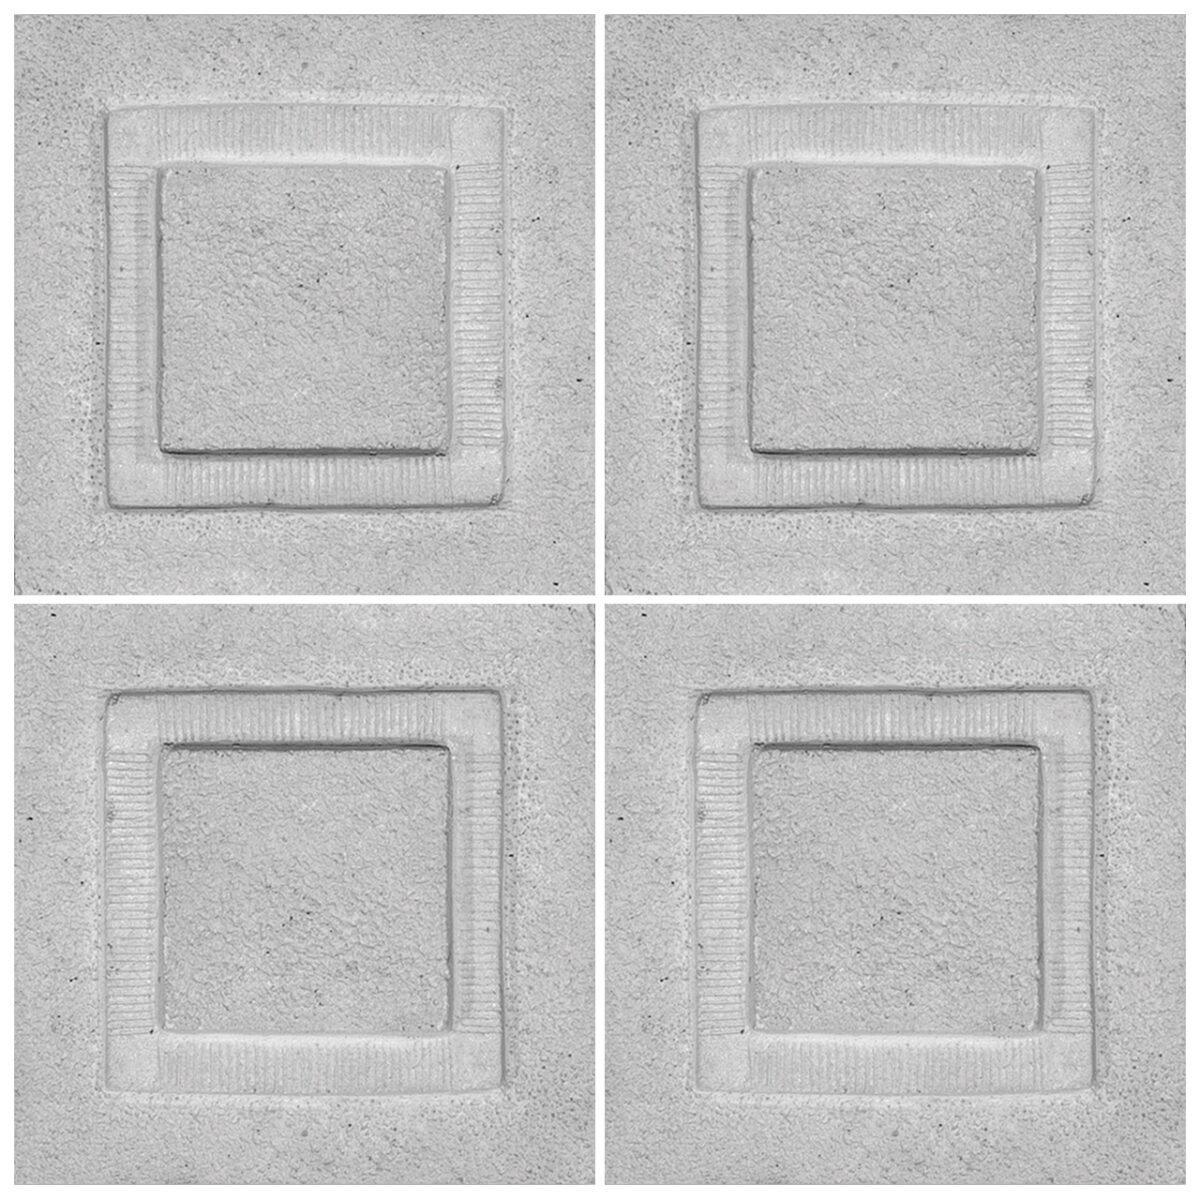 دیوارپوش تندیس و پیکره شهریار مدل آمای کد W1010-16 بسته 4 عددی